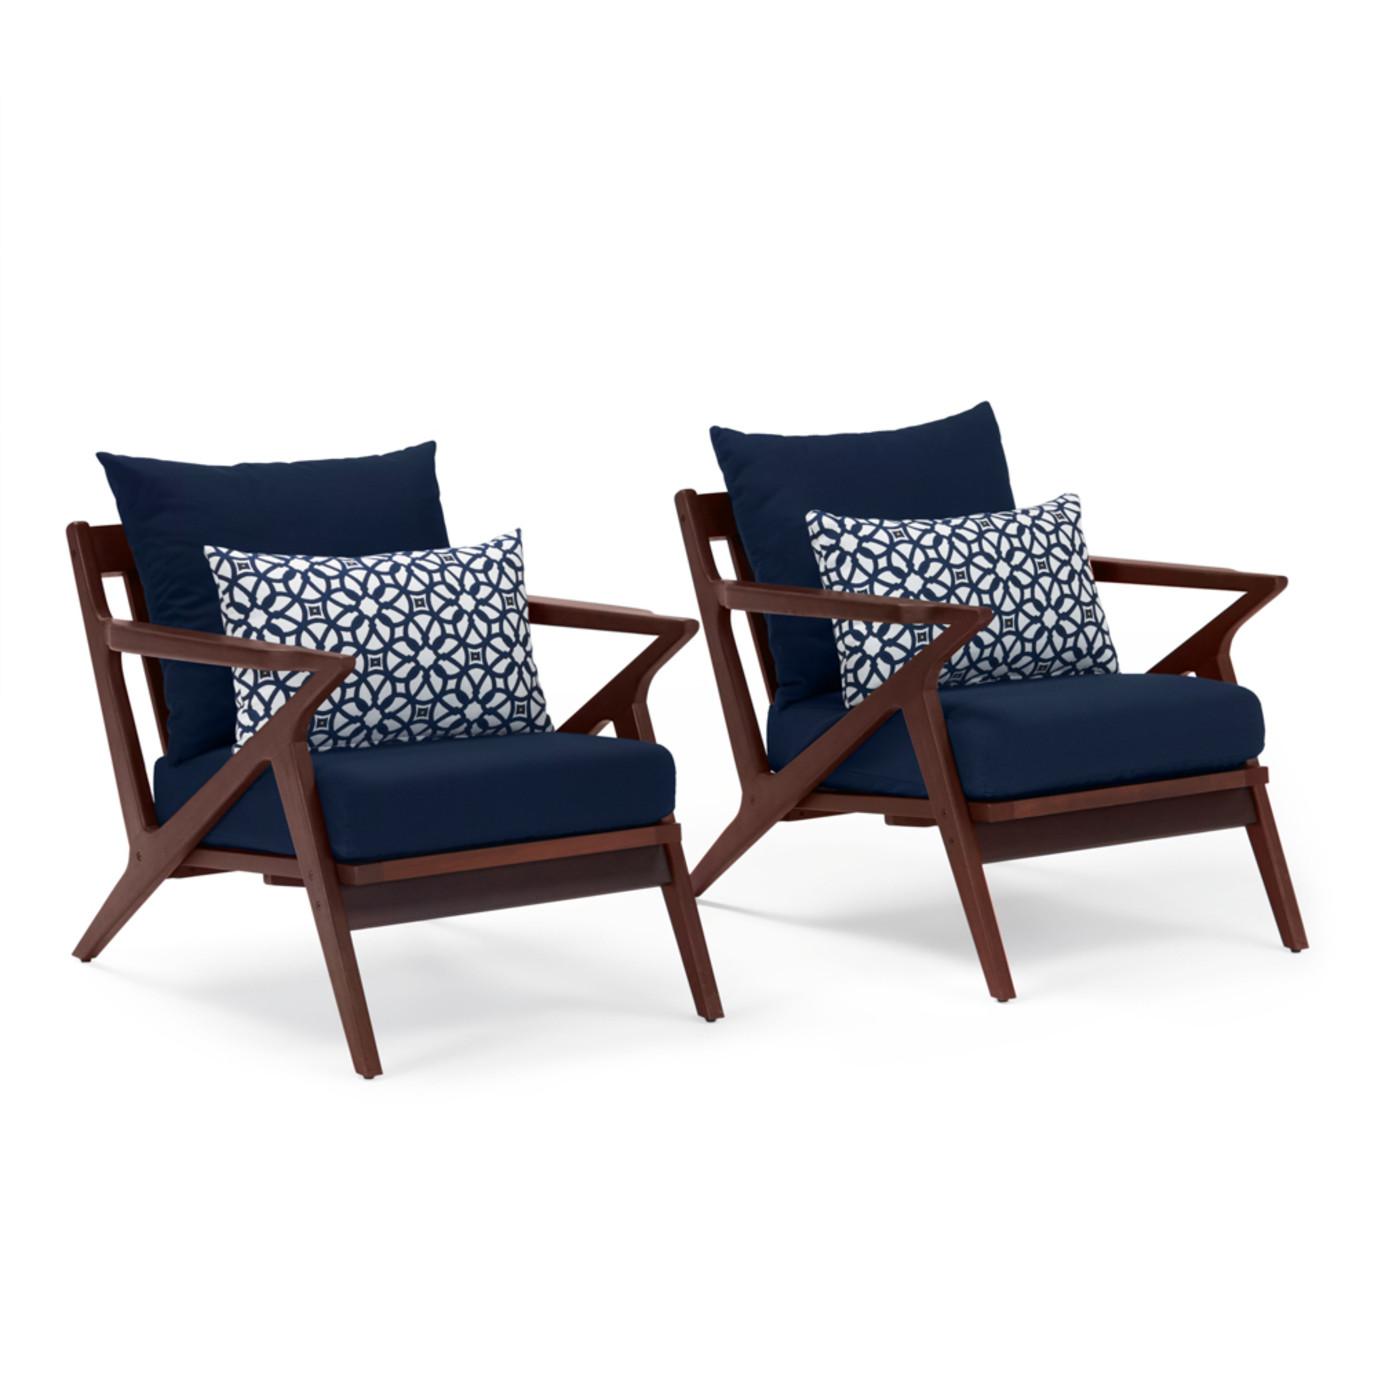 Vaughn Club Chairs - Navy Blue